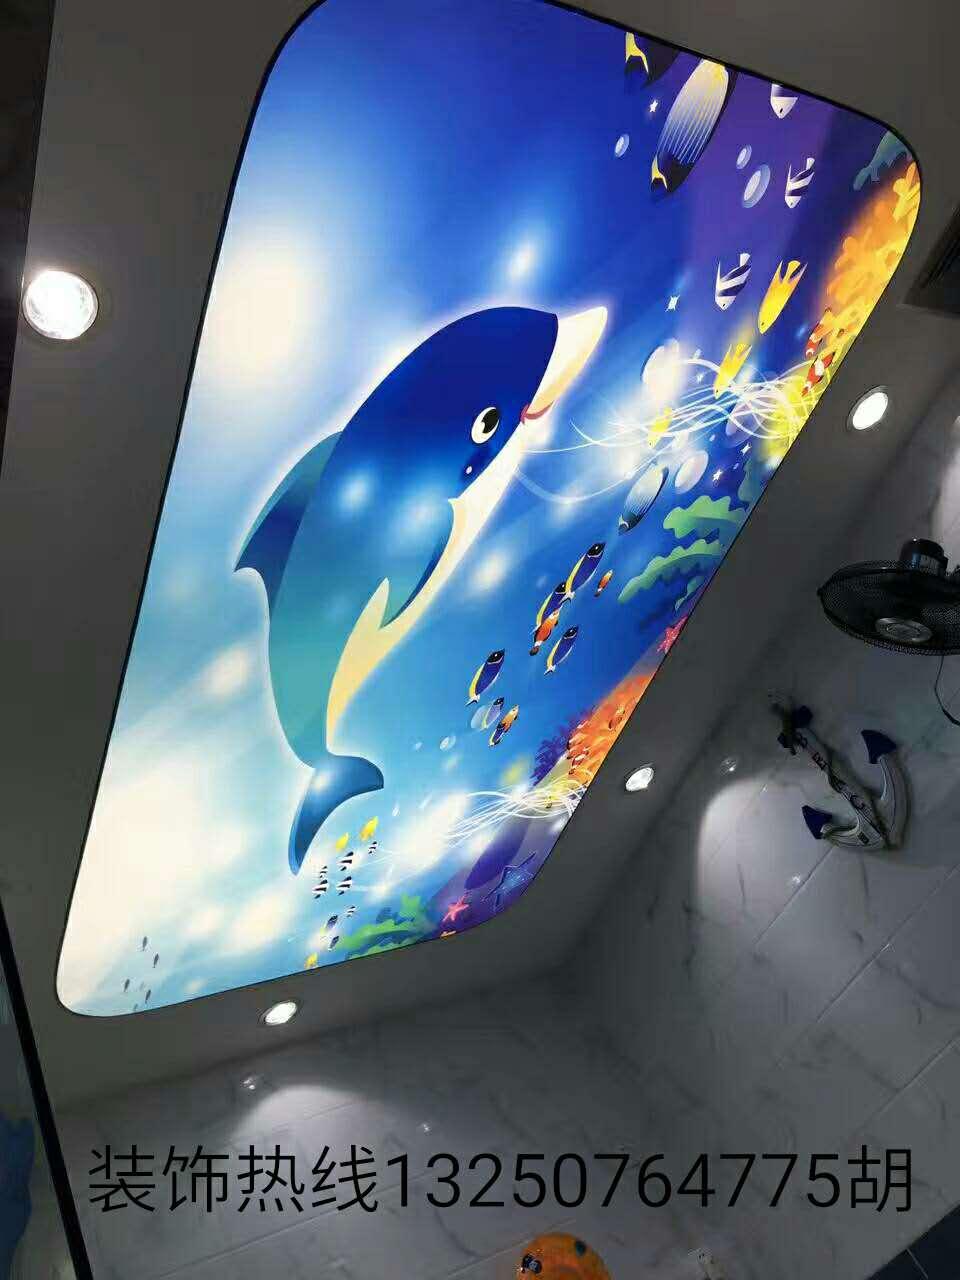 广东惠州软膜天花吊顶安装a级防火膜uv喷绘膜广告灯箱透光膜高清写真